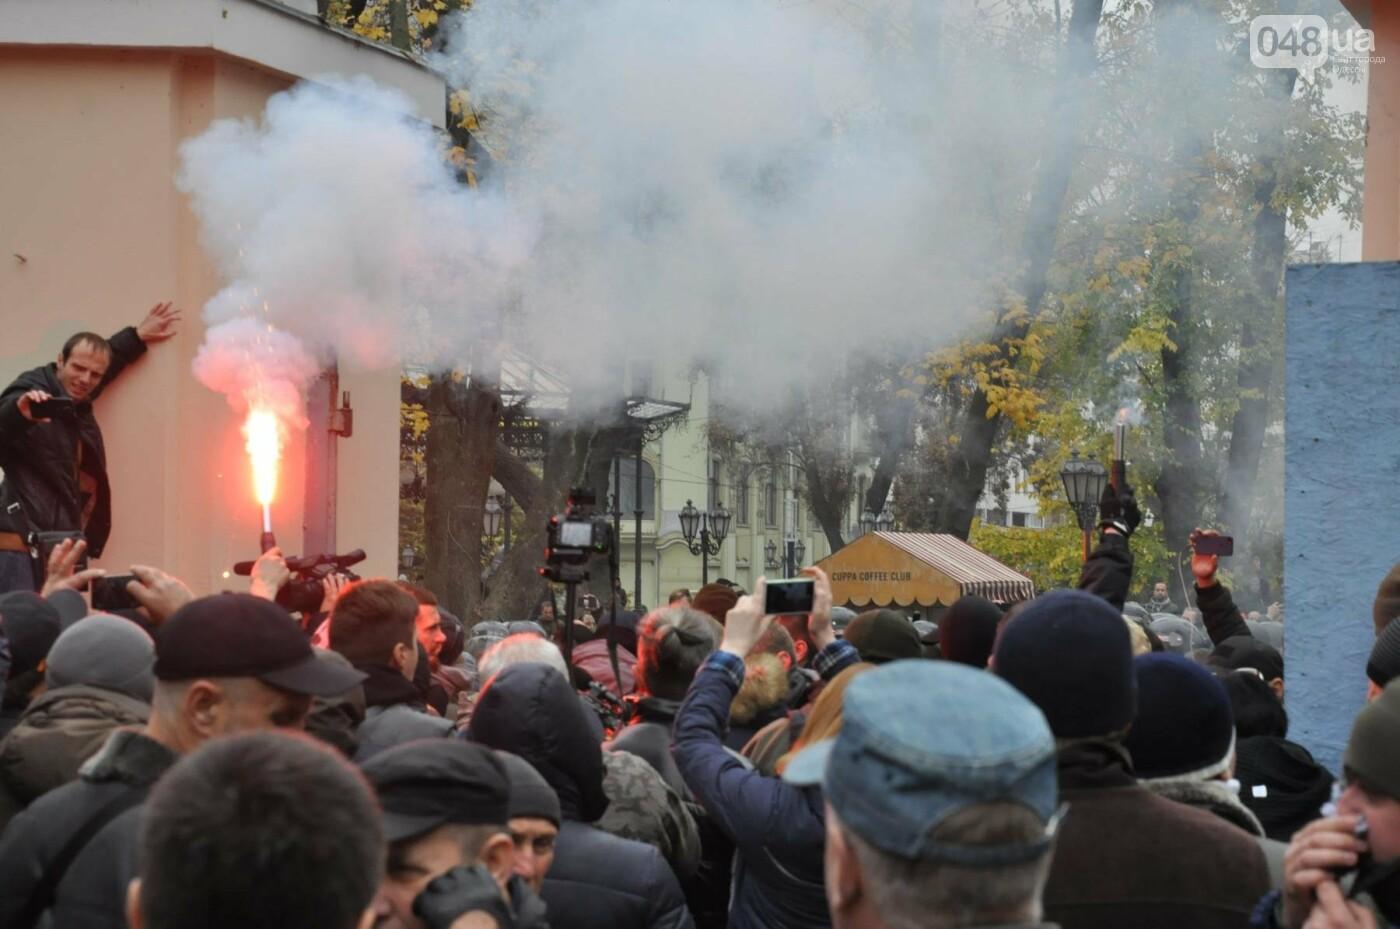 Одесситы обвинили полицию в провокациях (ФОТО, ВИДЕО), фото-2